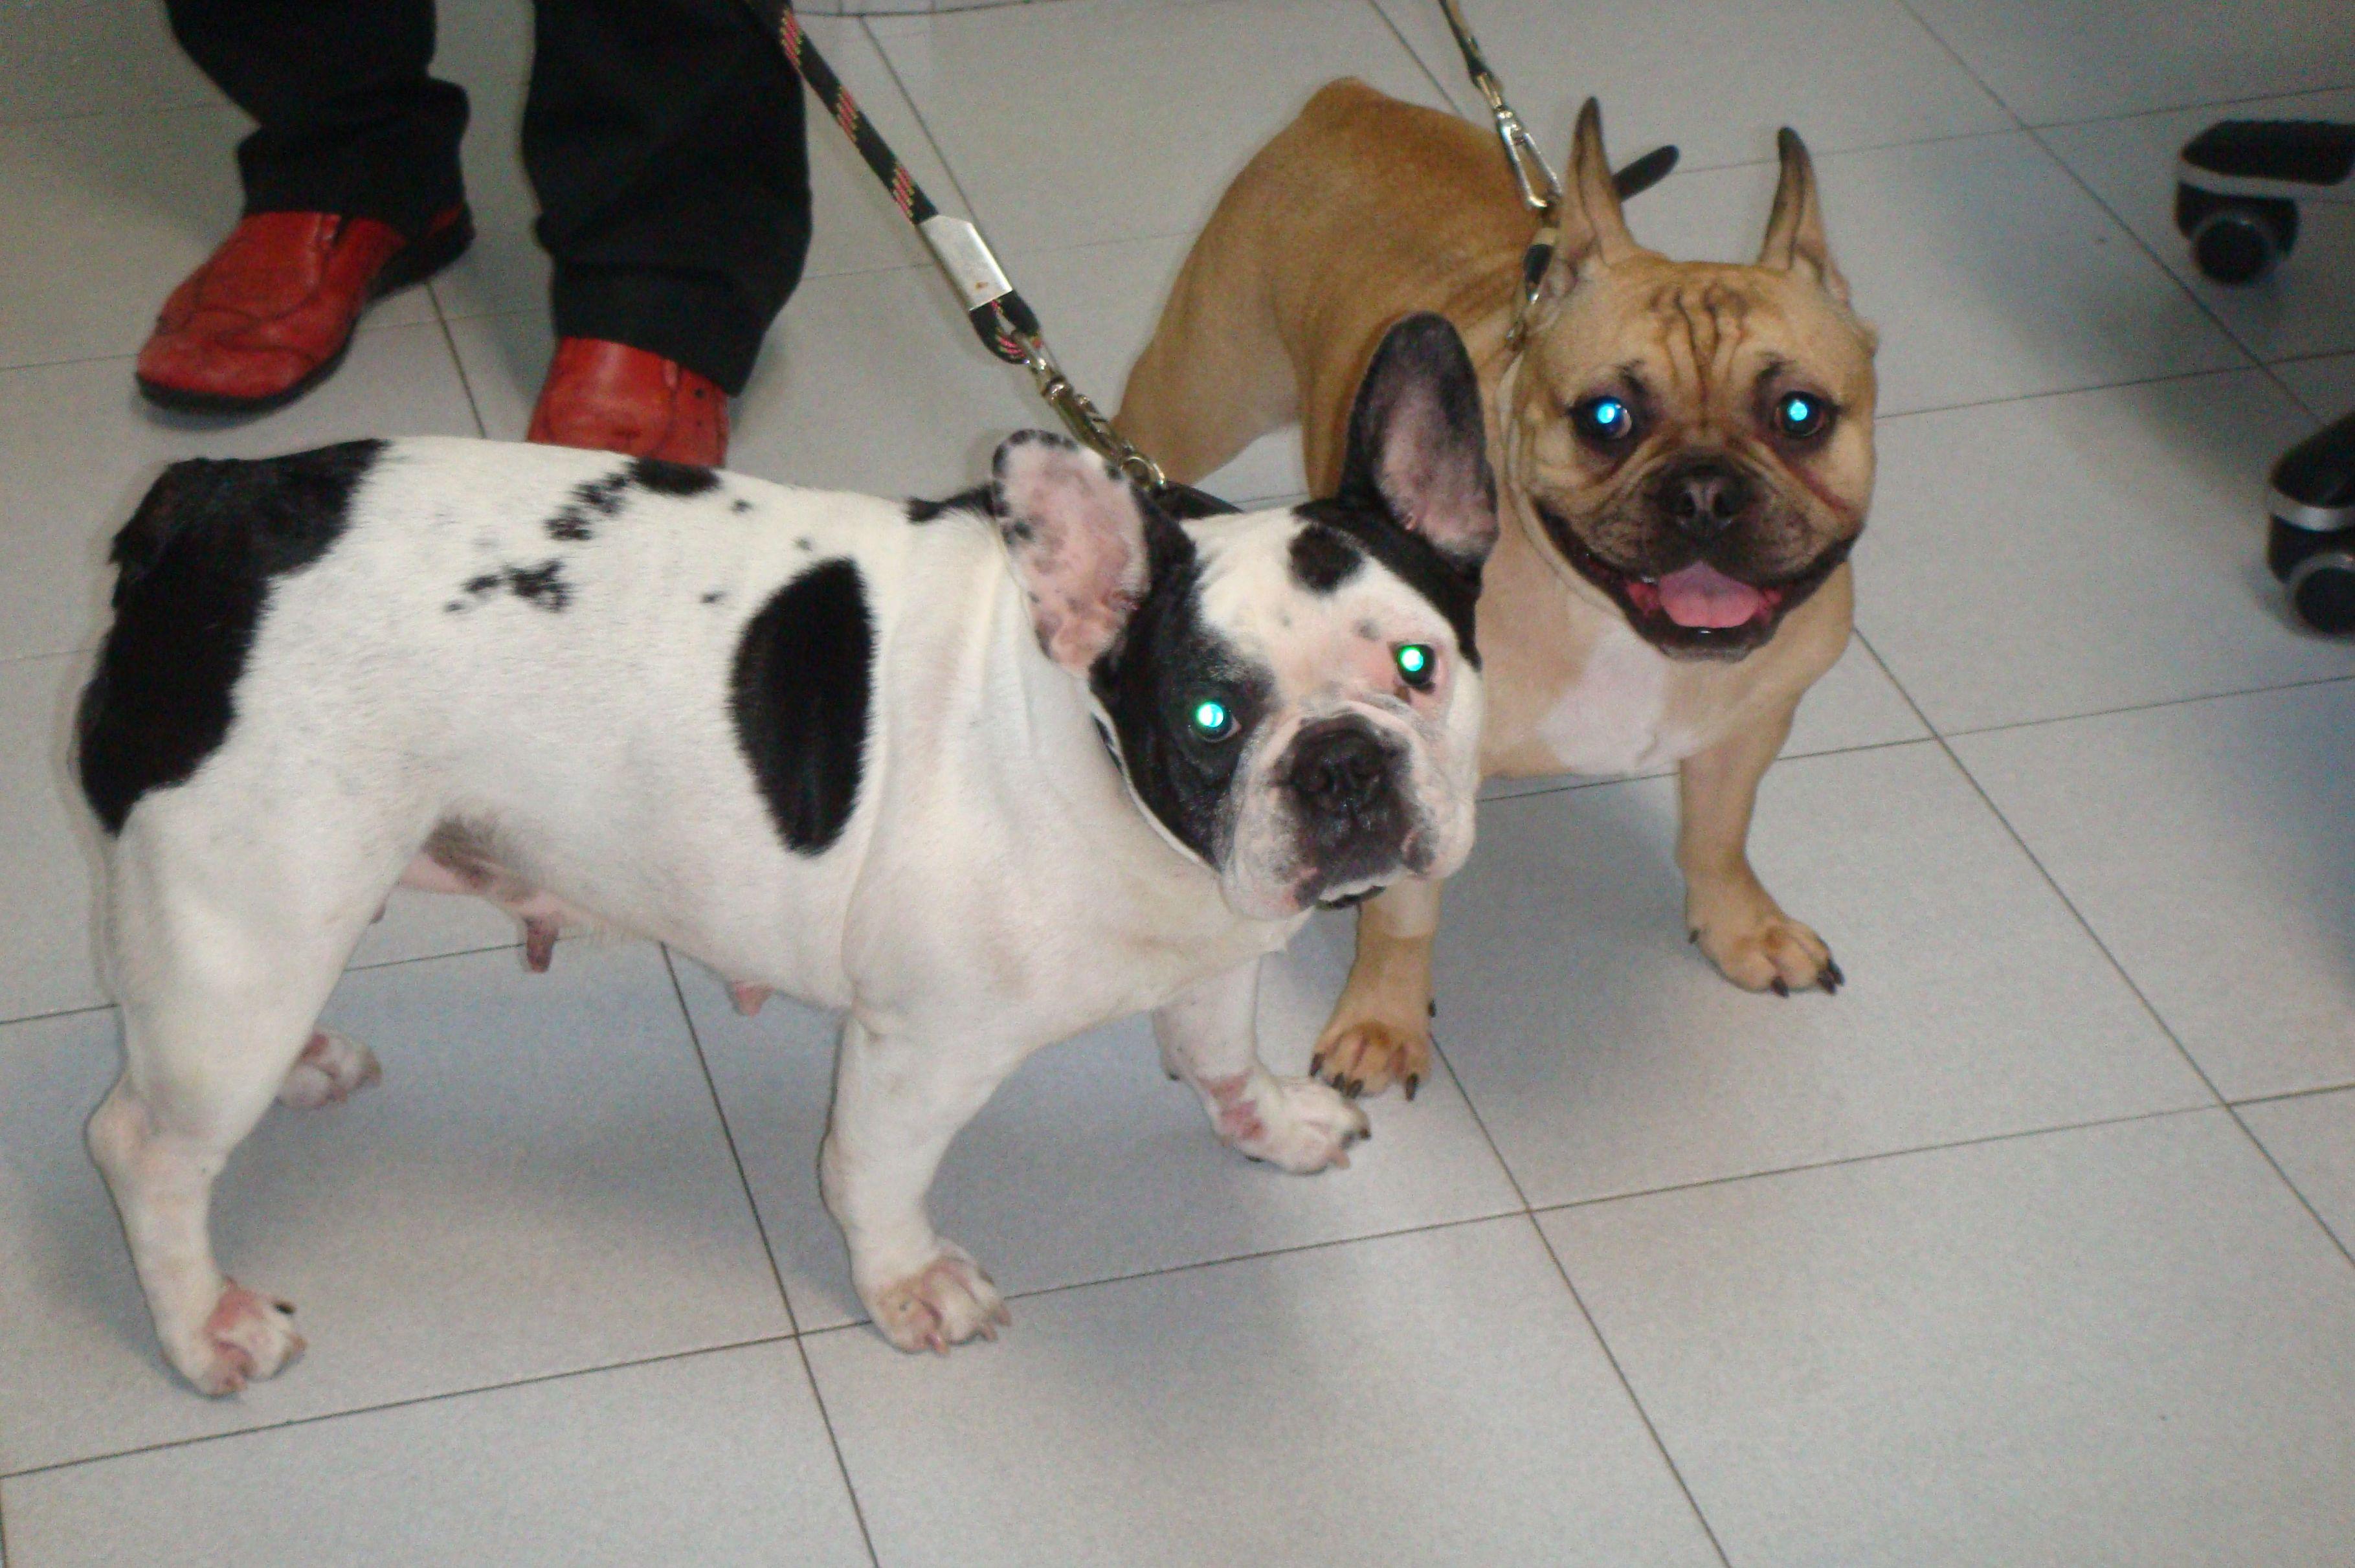 Limpiezas dentales para mascotas en Tenerife